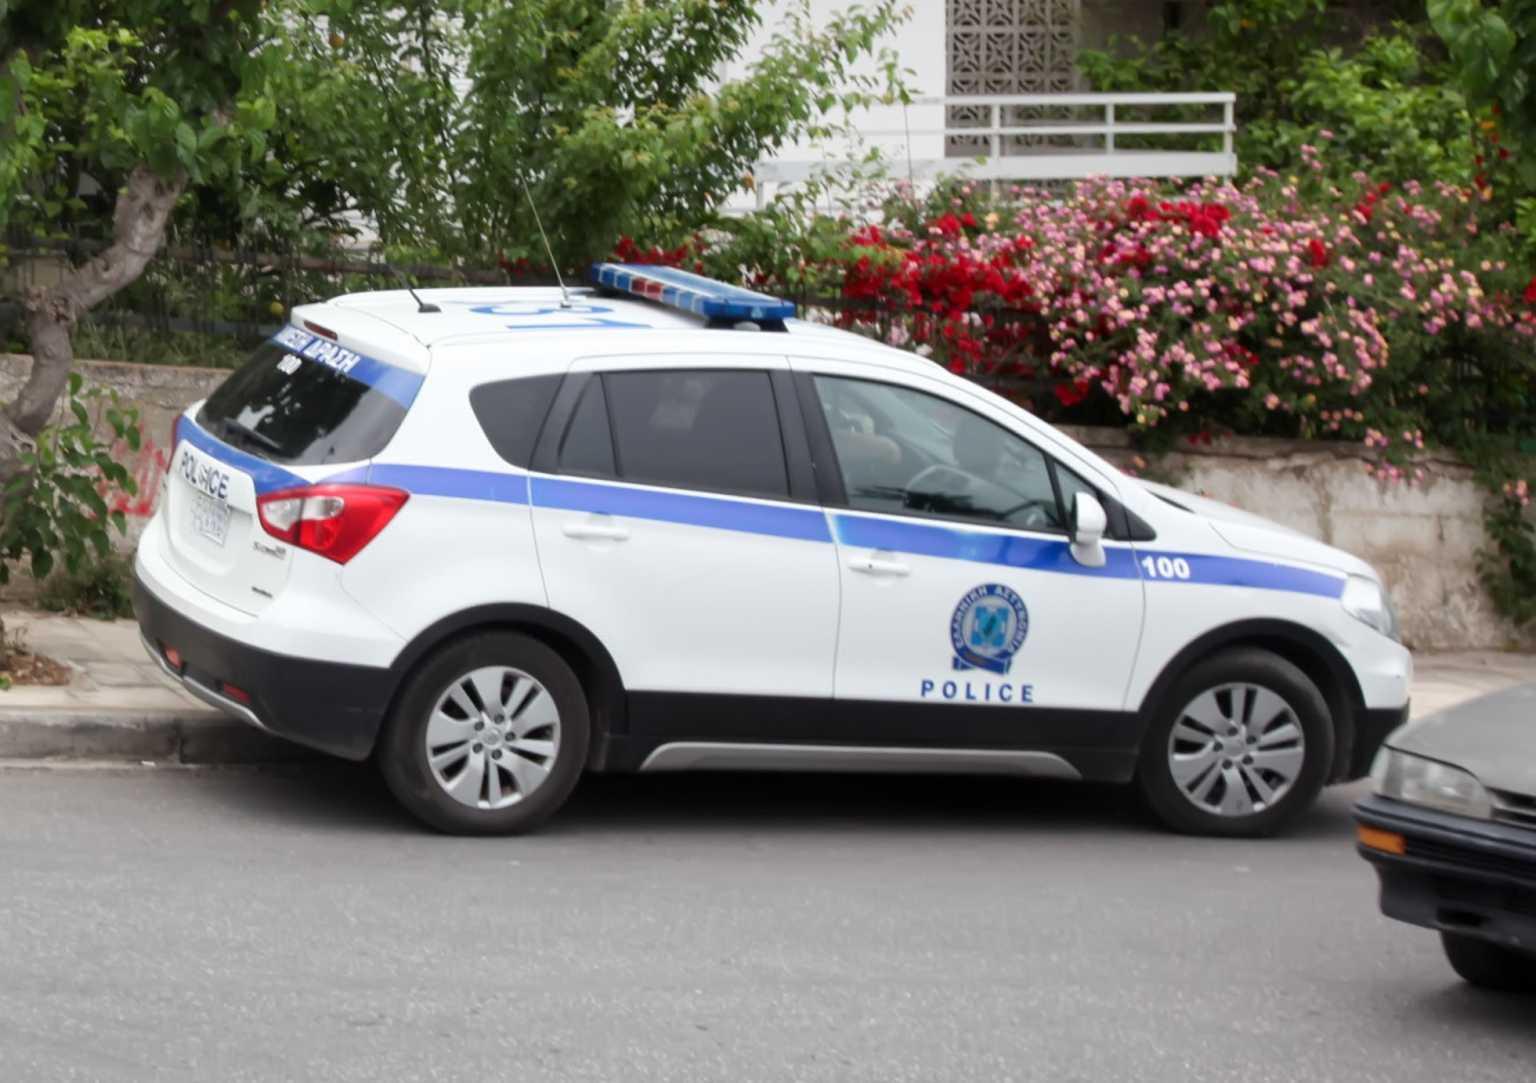 Θεσσαλονίκη: Κατηγορείται ότι εξέδιδε 17χρονη αλλά αφέθηκε ελεύθερη